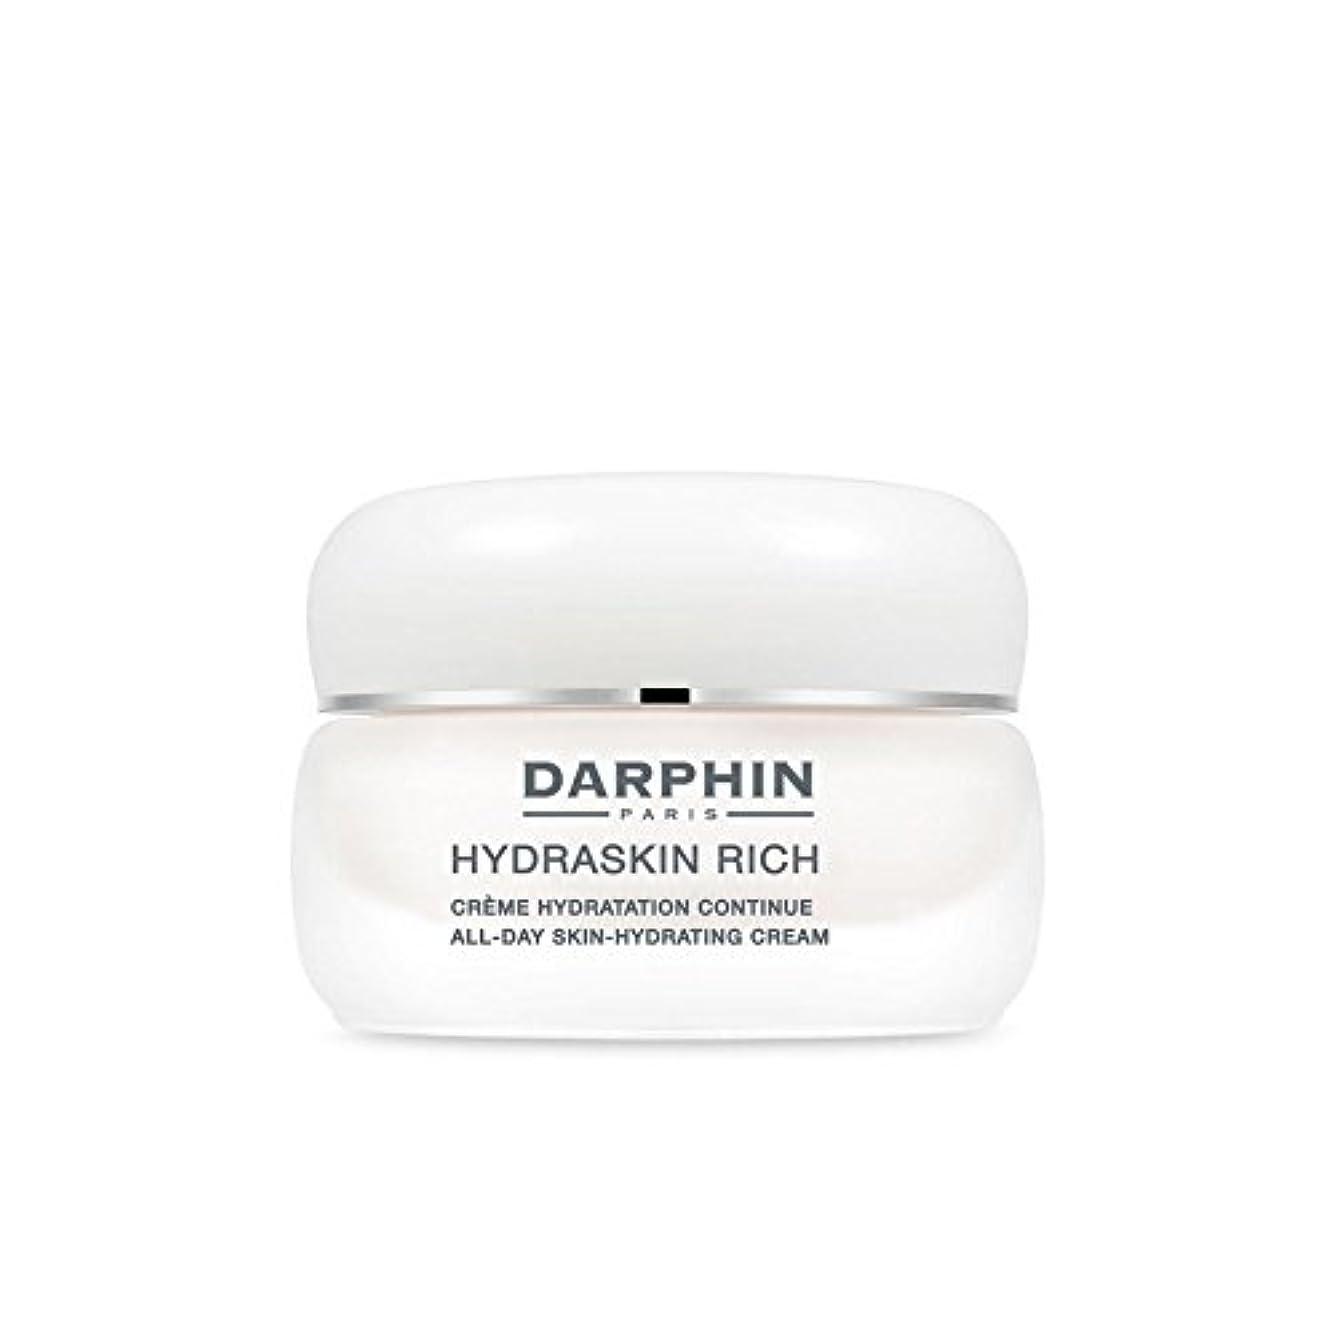 作ります飲料識字Darphin Hydraskin Rich -Protective Moisturising Cream (50ml) - 豊富 - 保護保湿クリーム(50)にダルファン [並行輸入品]